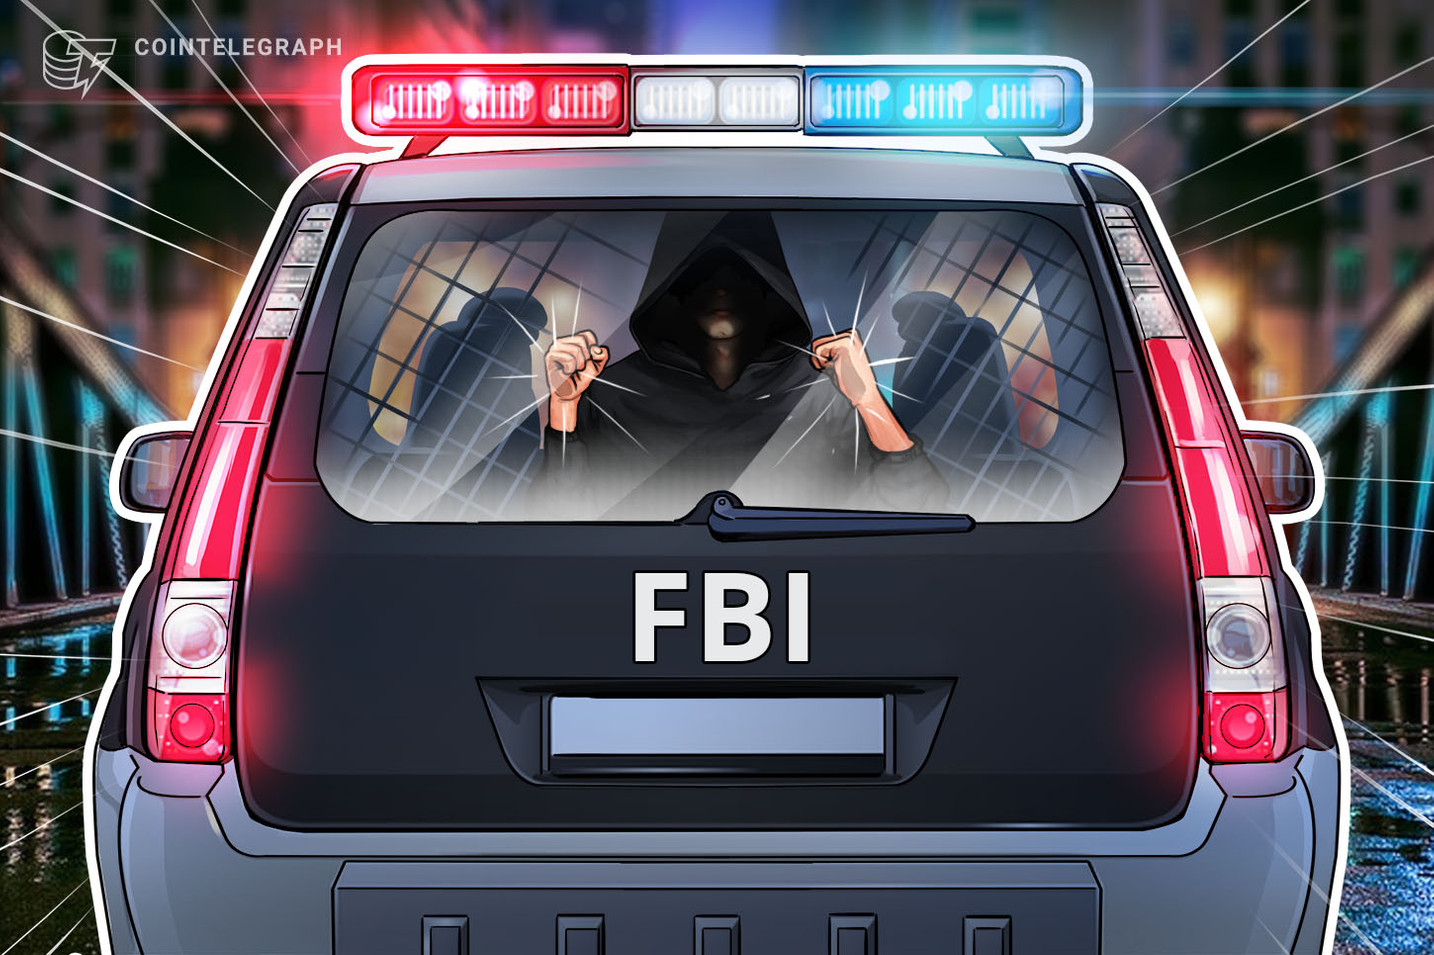 مكتب التحقيقات الفيدرالي يعتقل متداول عملات مشفرة يبلغ من العمر ٢٤ عامًا بتهمة الاحتيال الإلكتروني